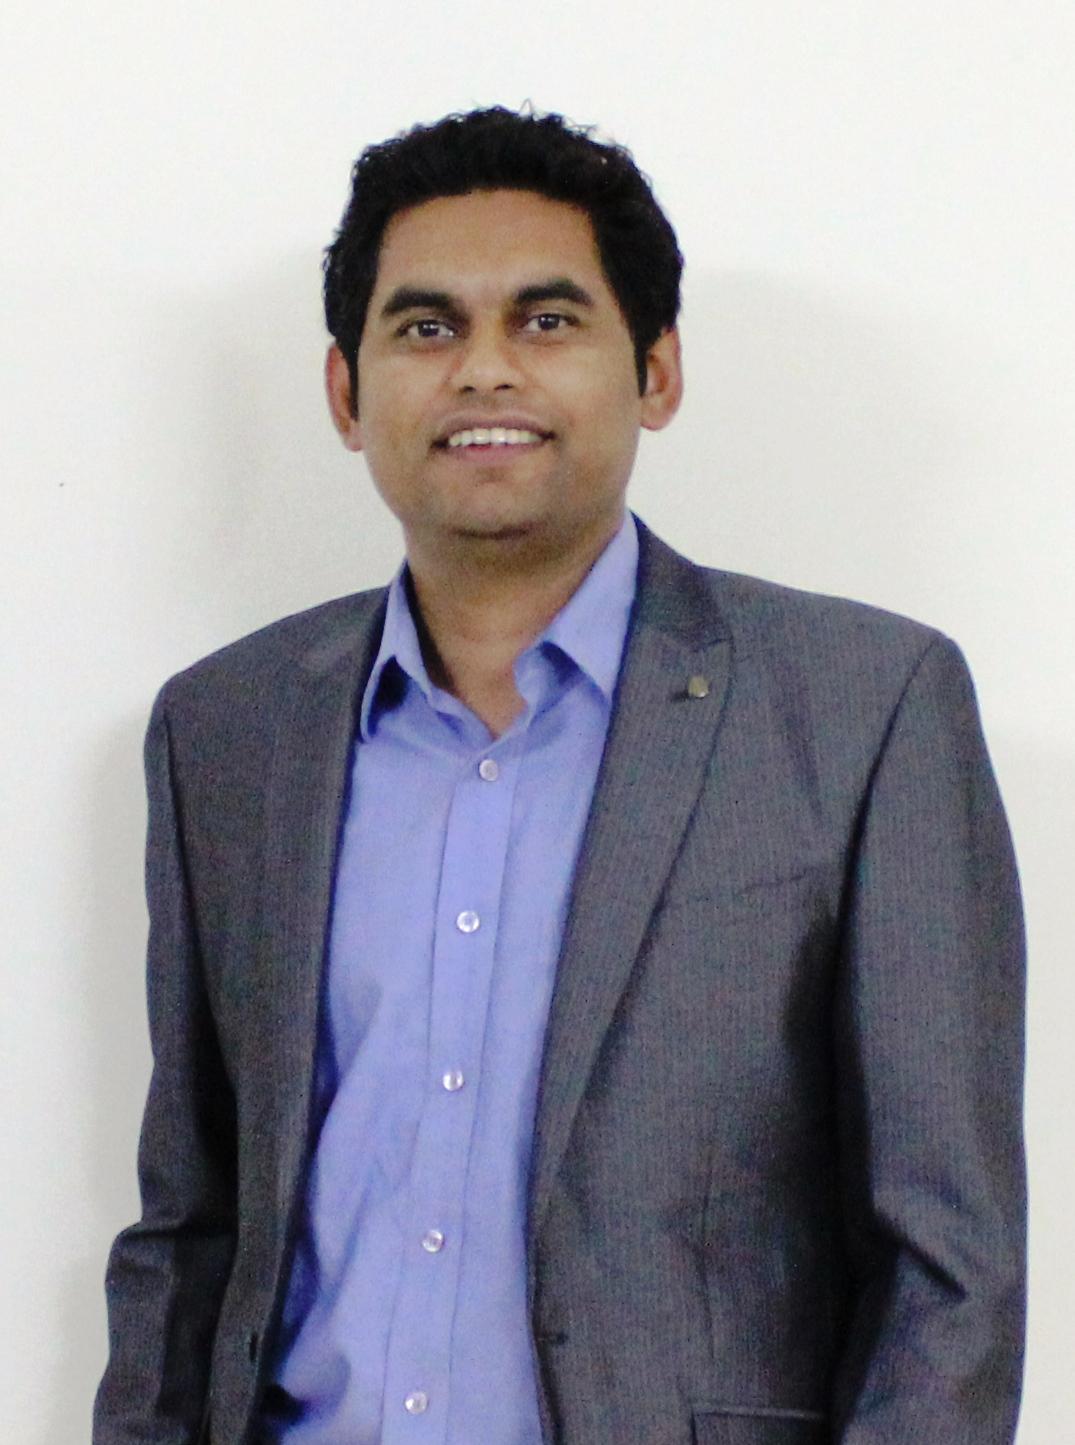 Photo of Anirban Bhattacharya